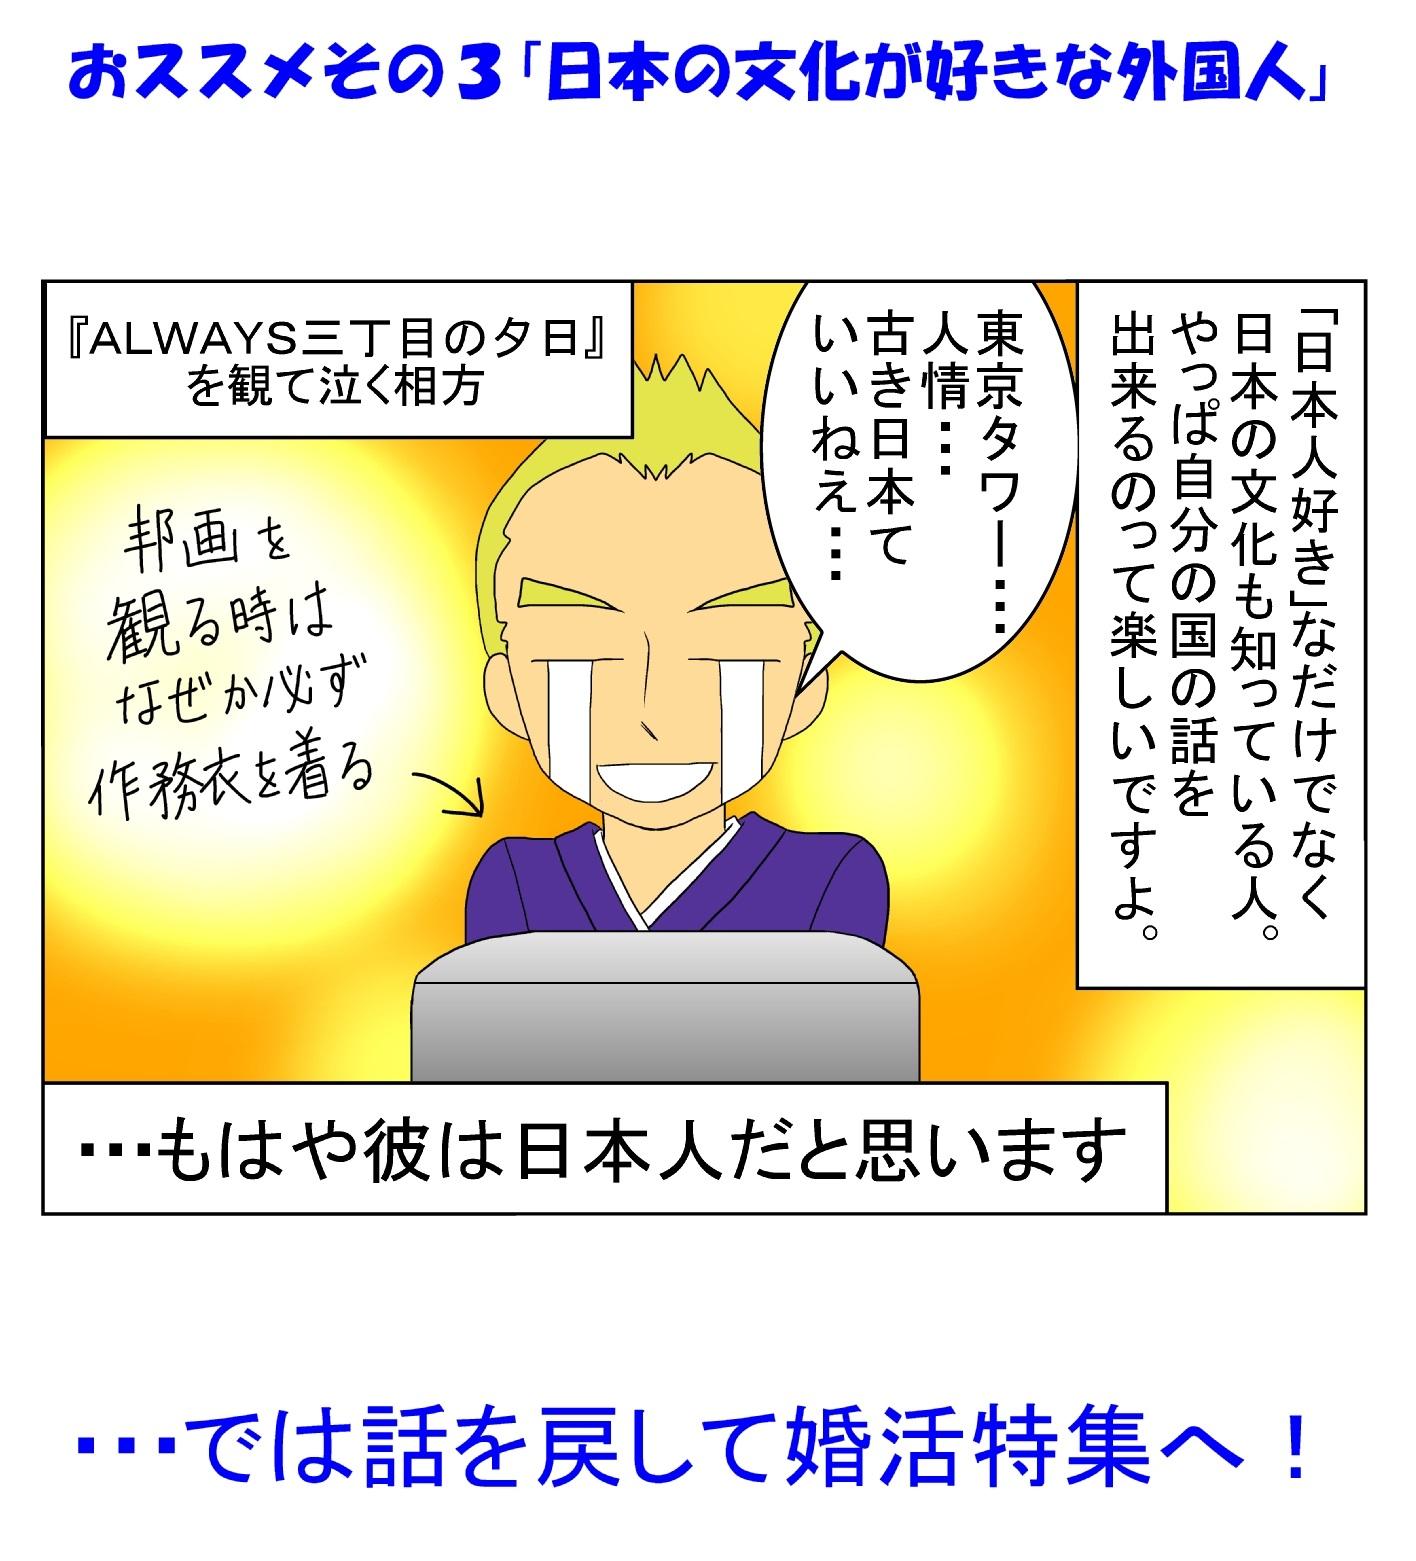 konkatsu5